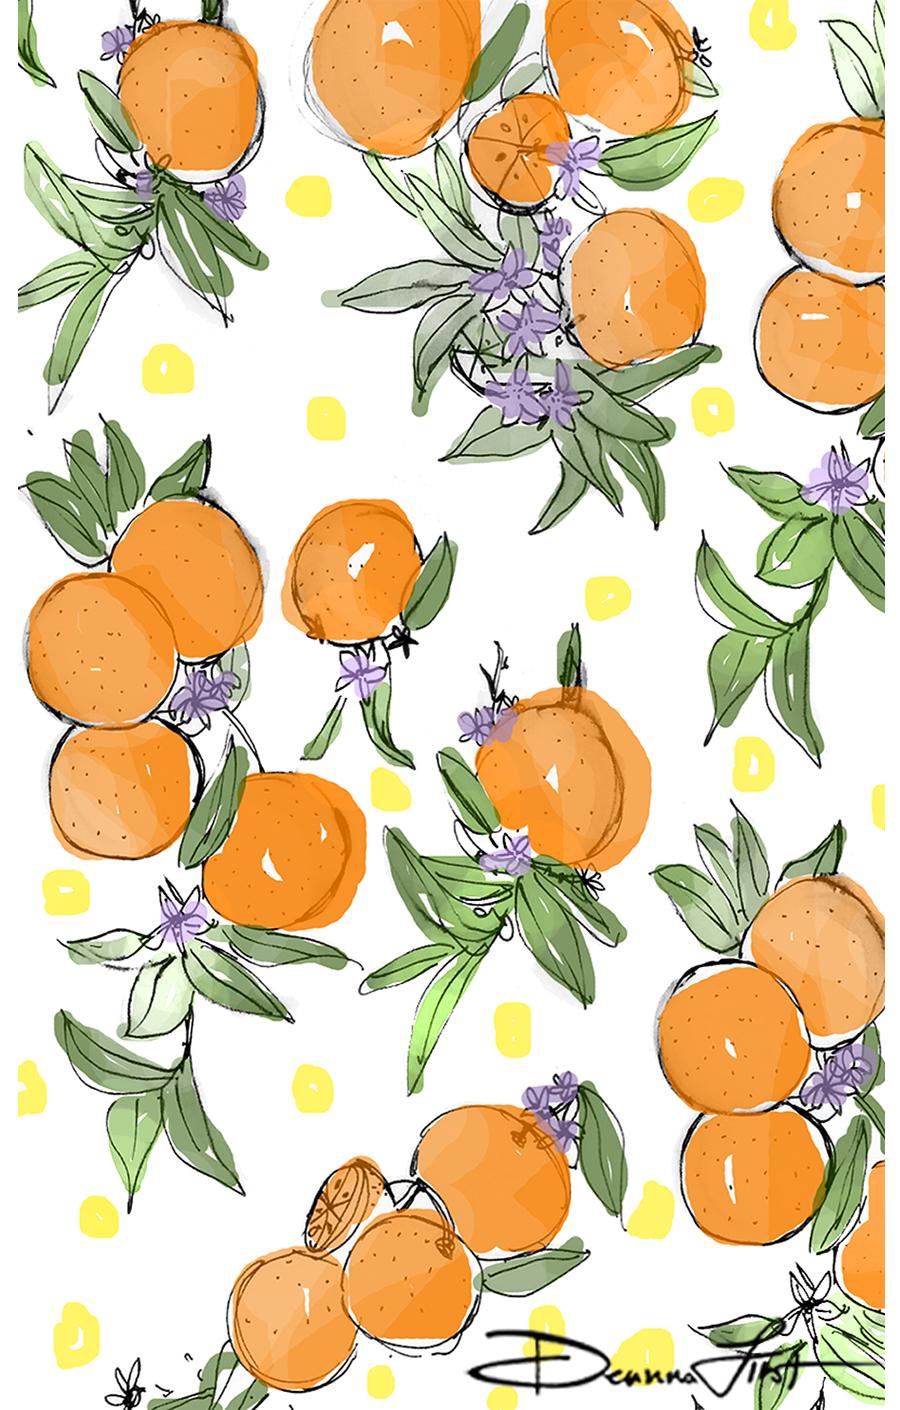 oranges_dots_deannafirst_small.jpg